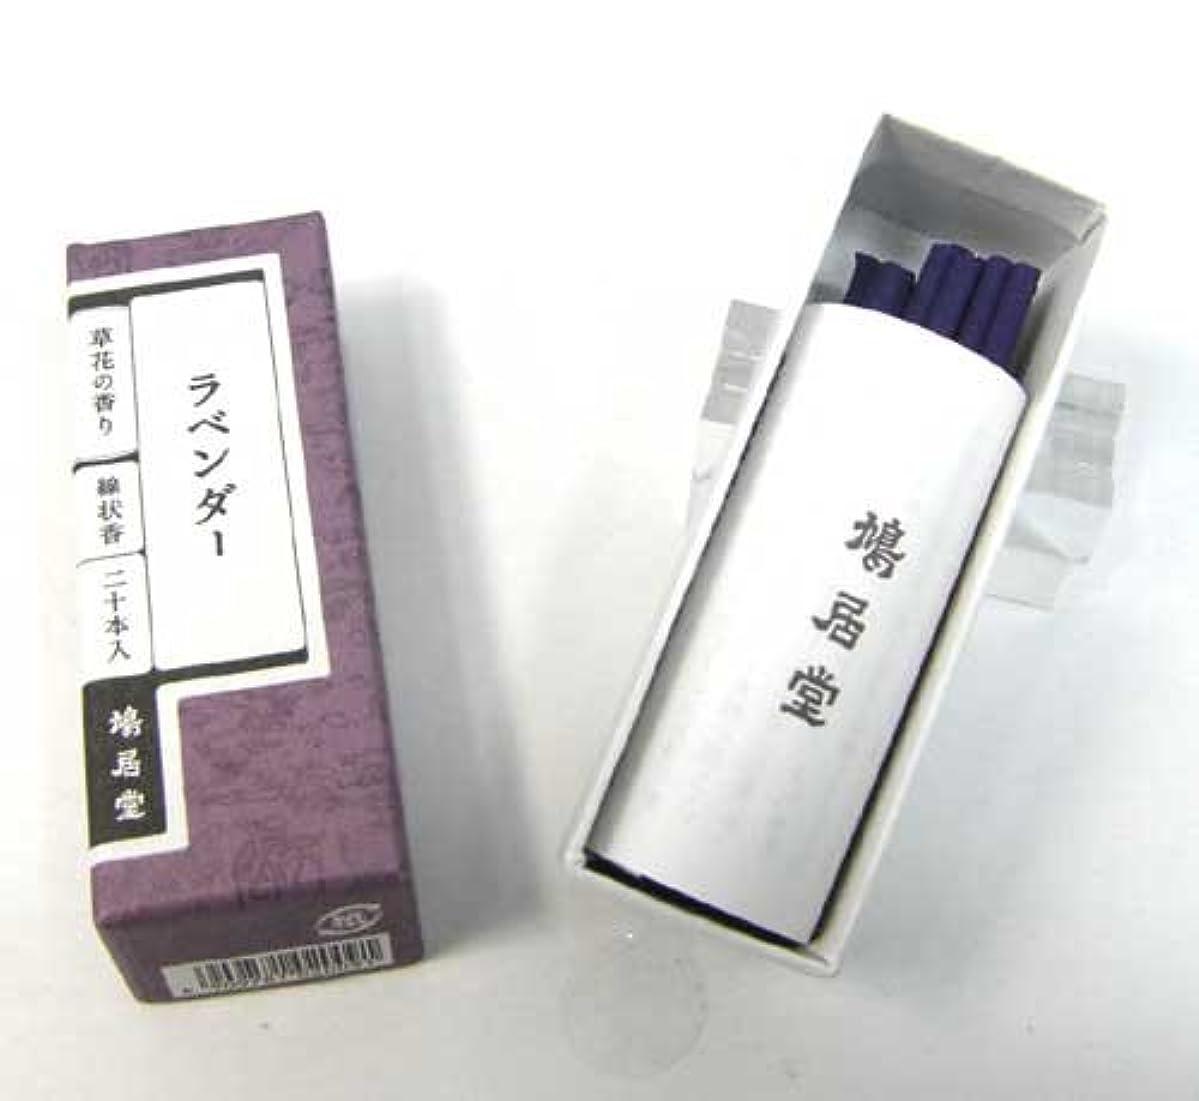 賢いリース人道的鳩居堂 お香 ラベンダー 草花の香りシリーズ スティックタイプ(棒状香)20本いり